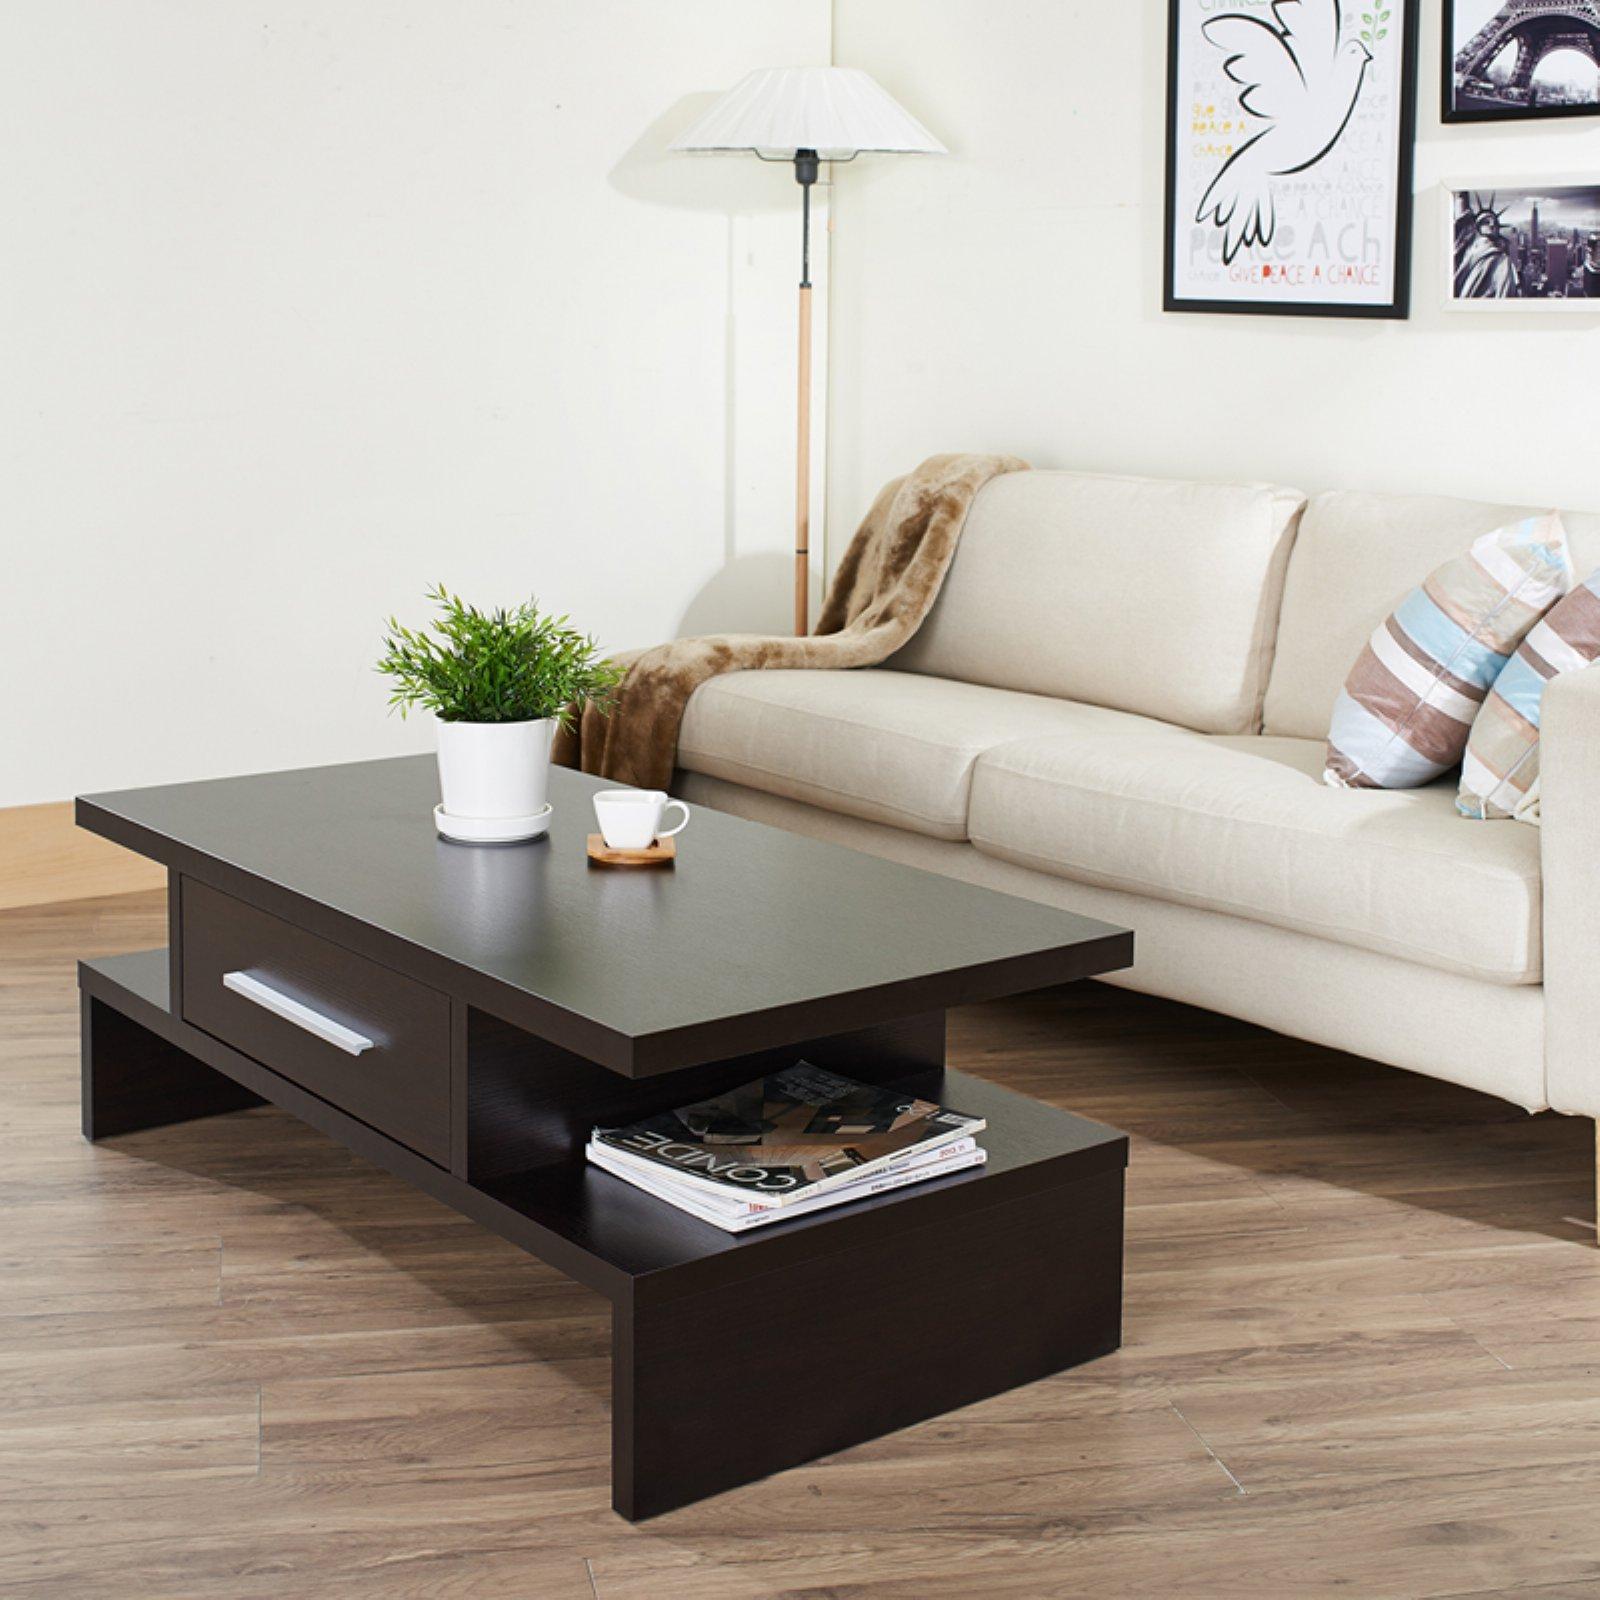 Furniture of America Tepekiie Coffee Table